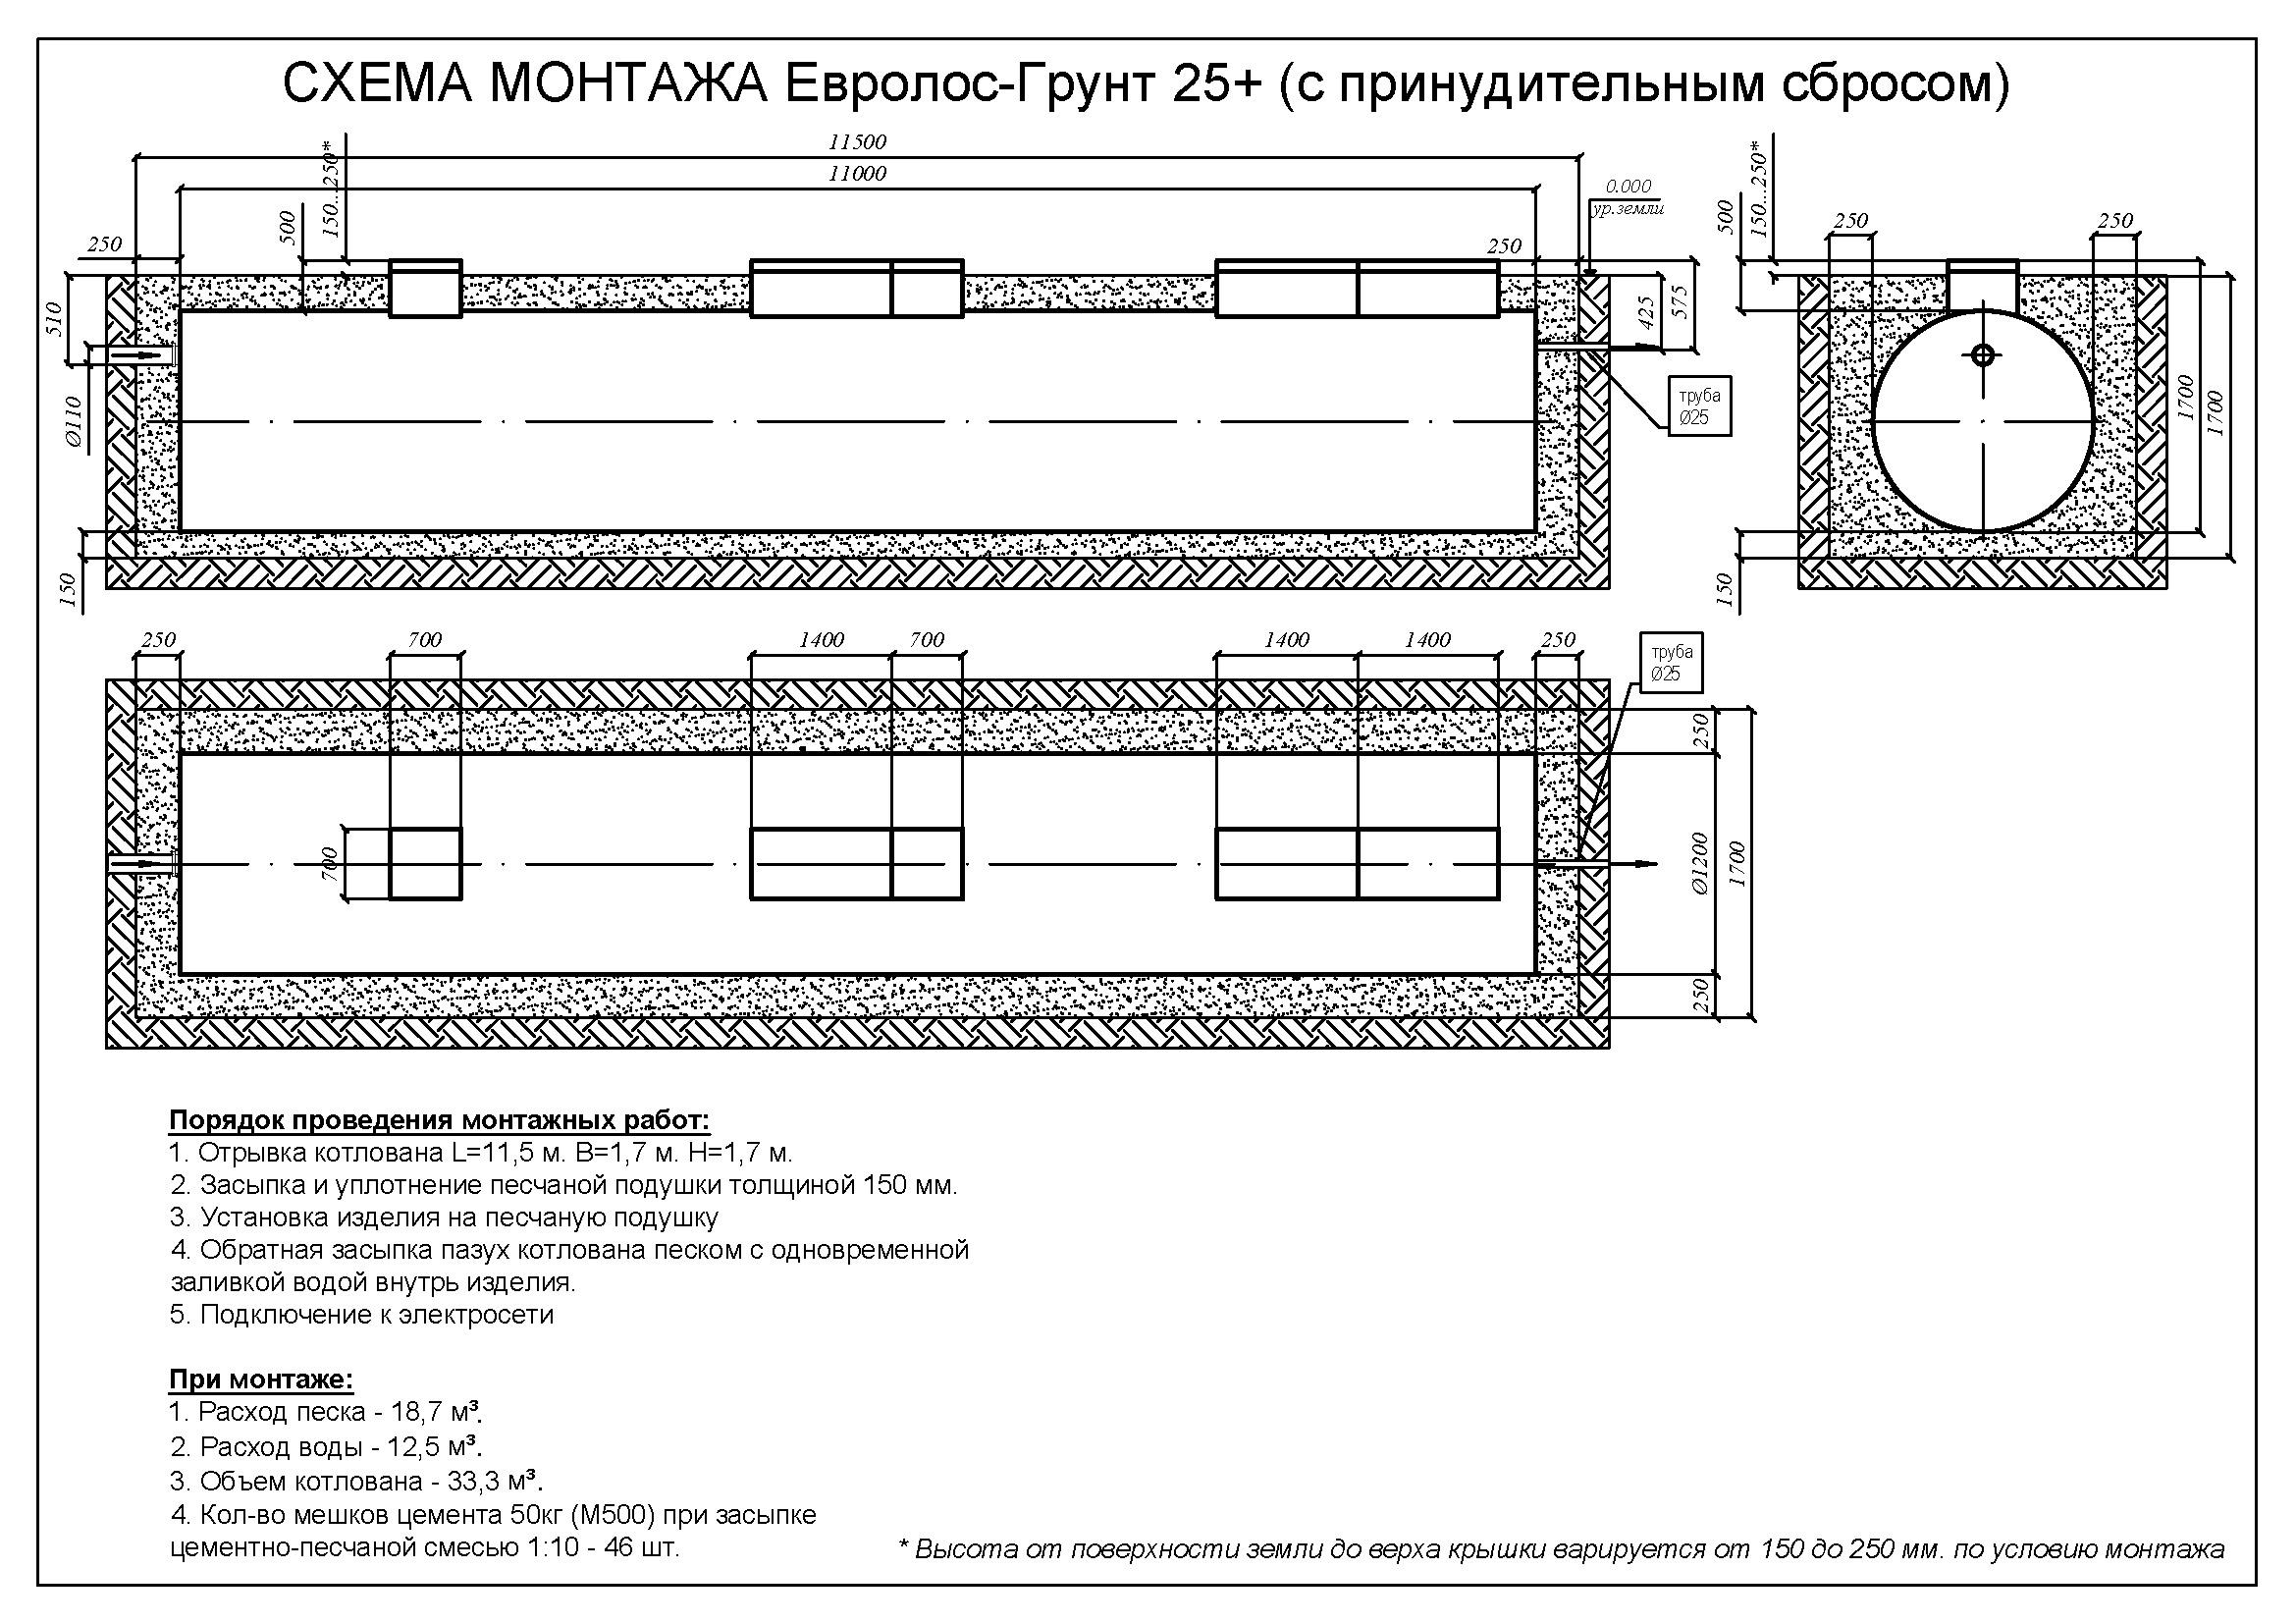 Монтажные схемы Евролос Грунт_Страница_20